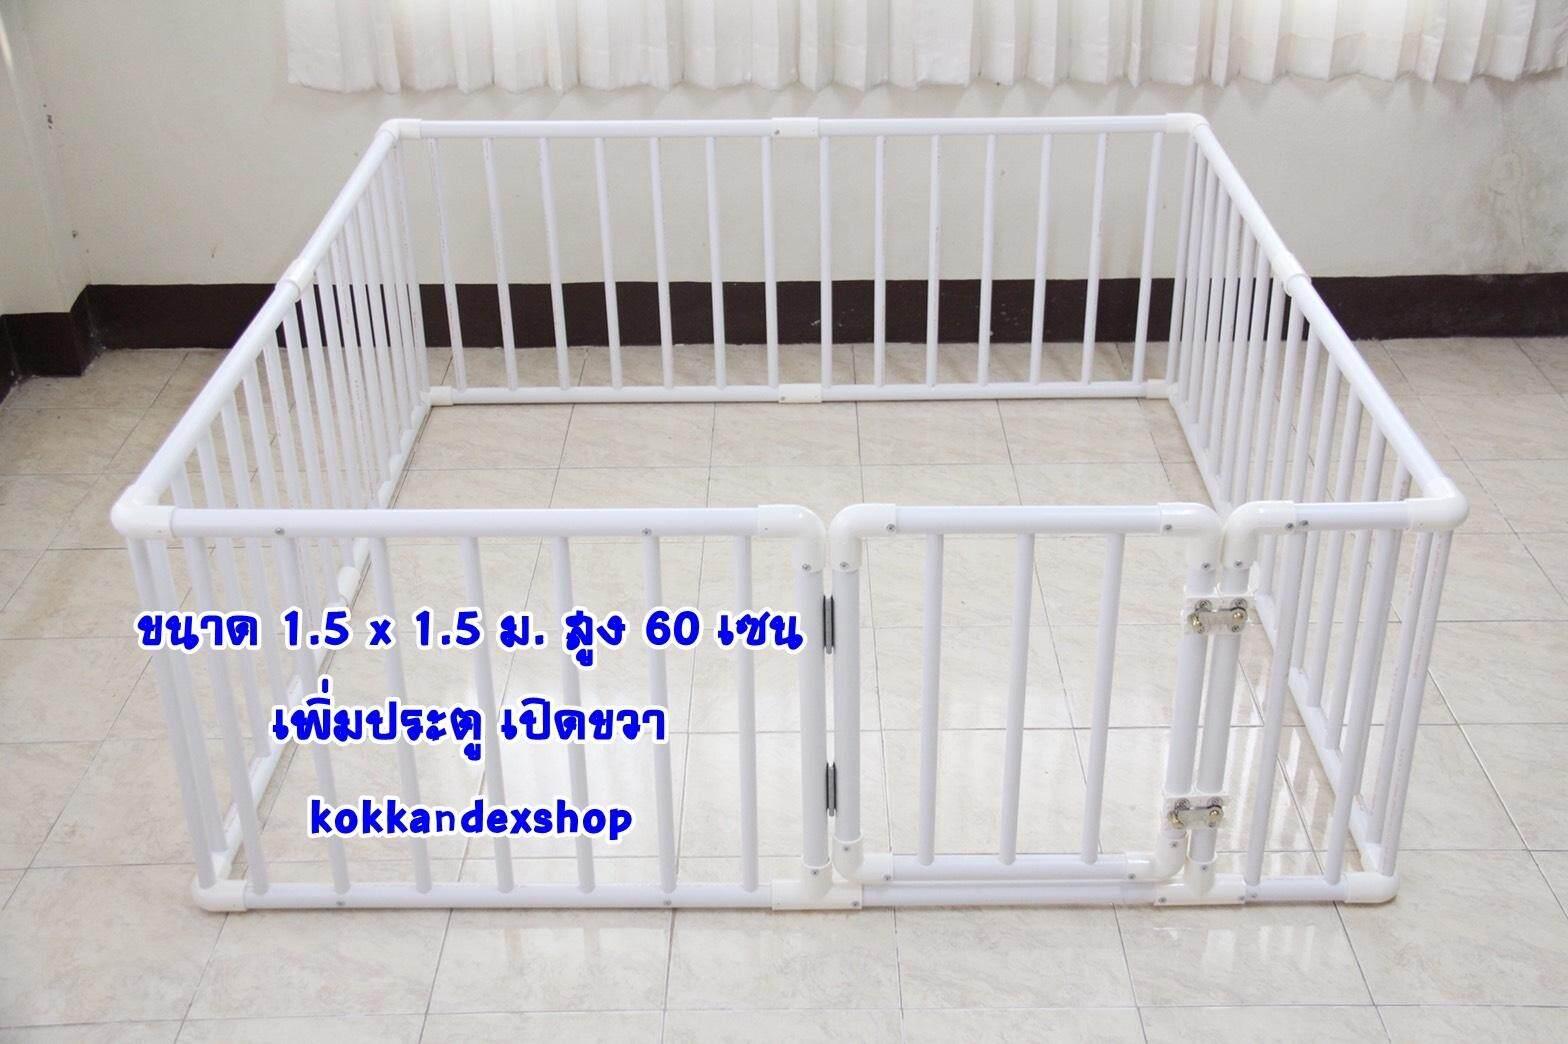 ( ส่งฟรี Kerry )  คอกกั้นเด็ก 1.5x1.5 ม. สูง 60 เซน มีประตู เปิดขวา